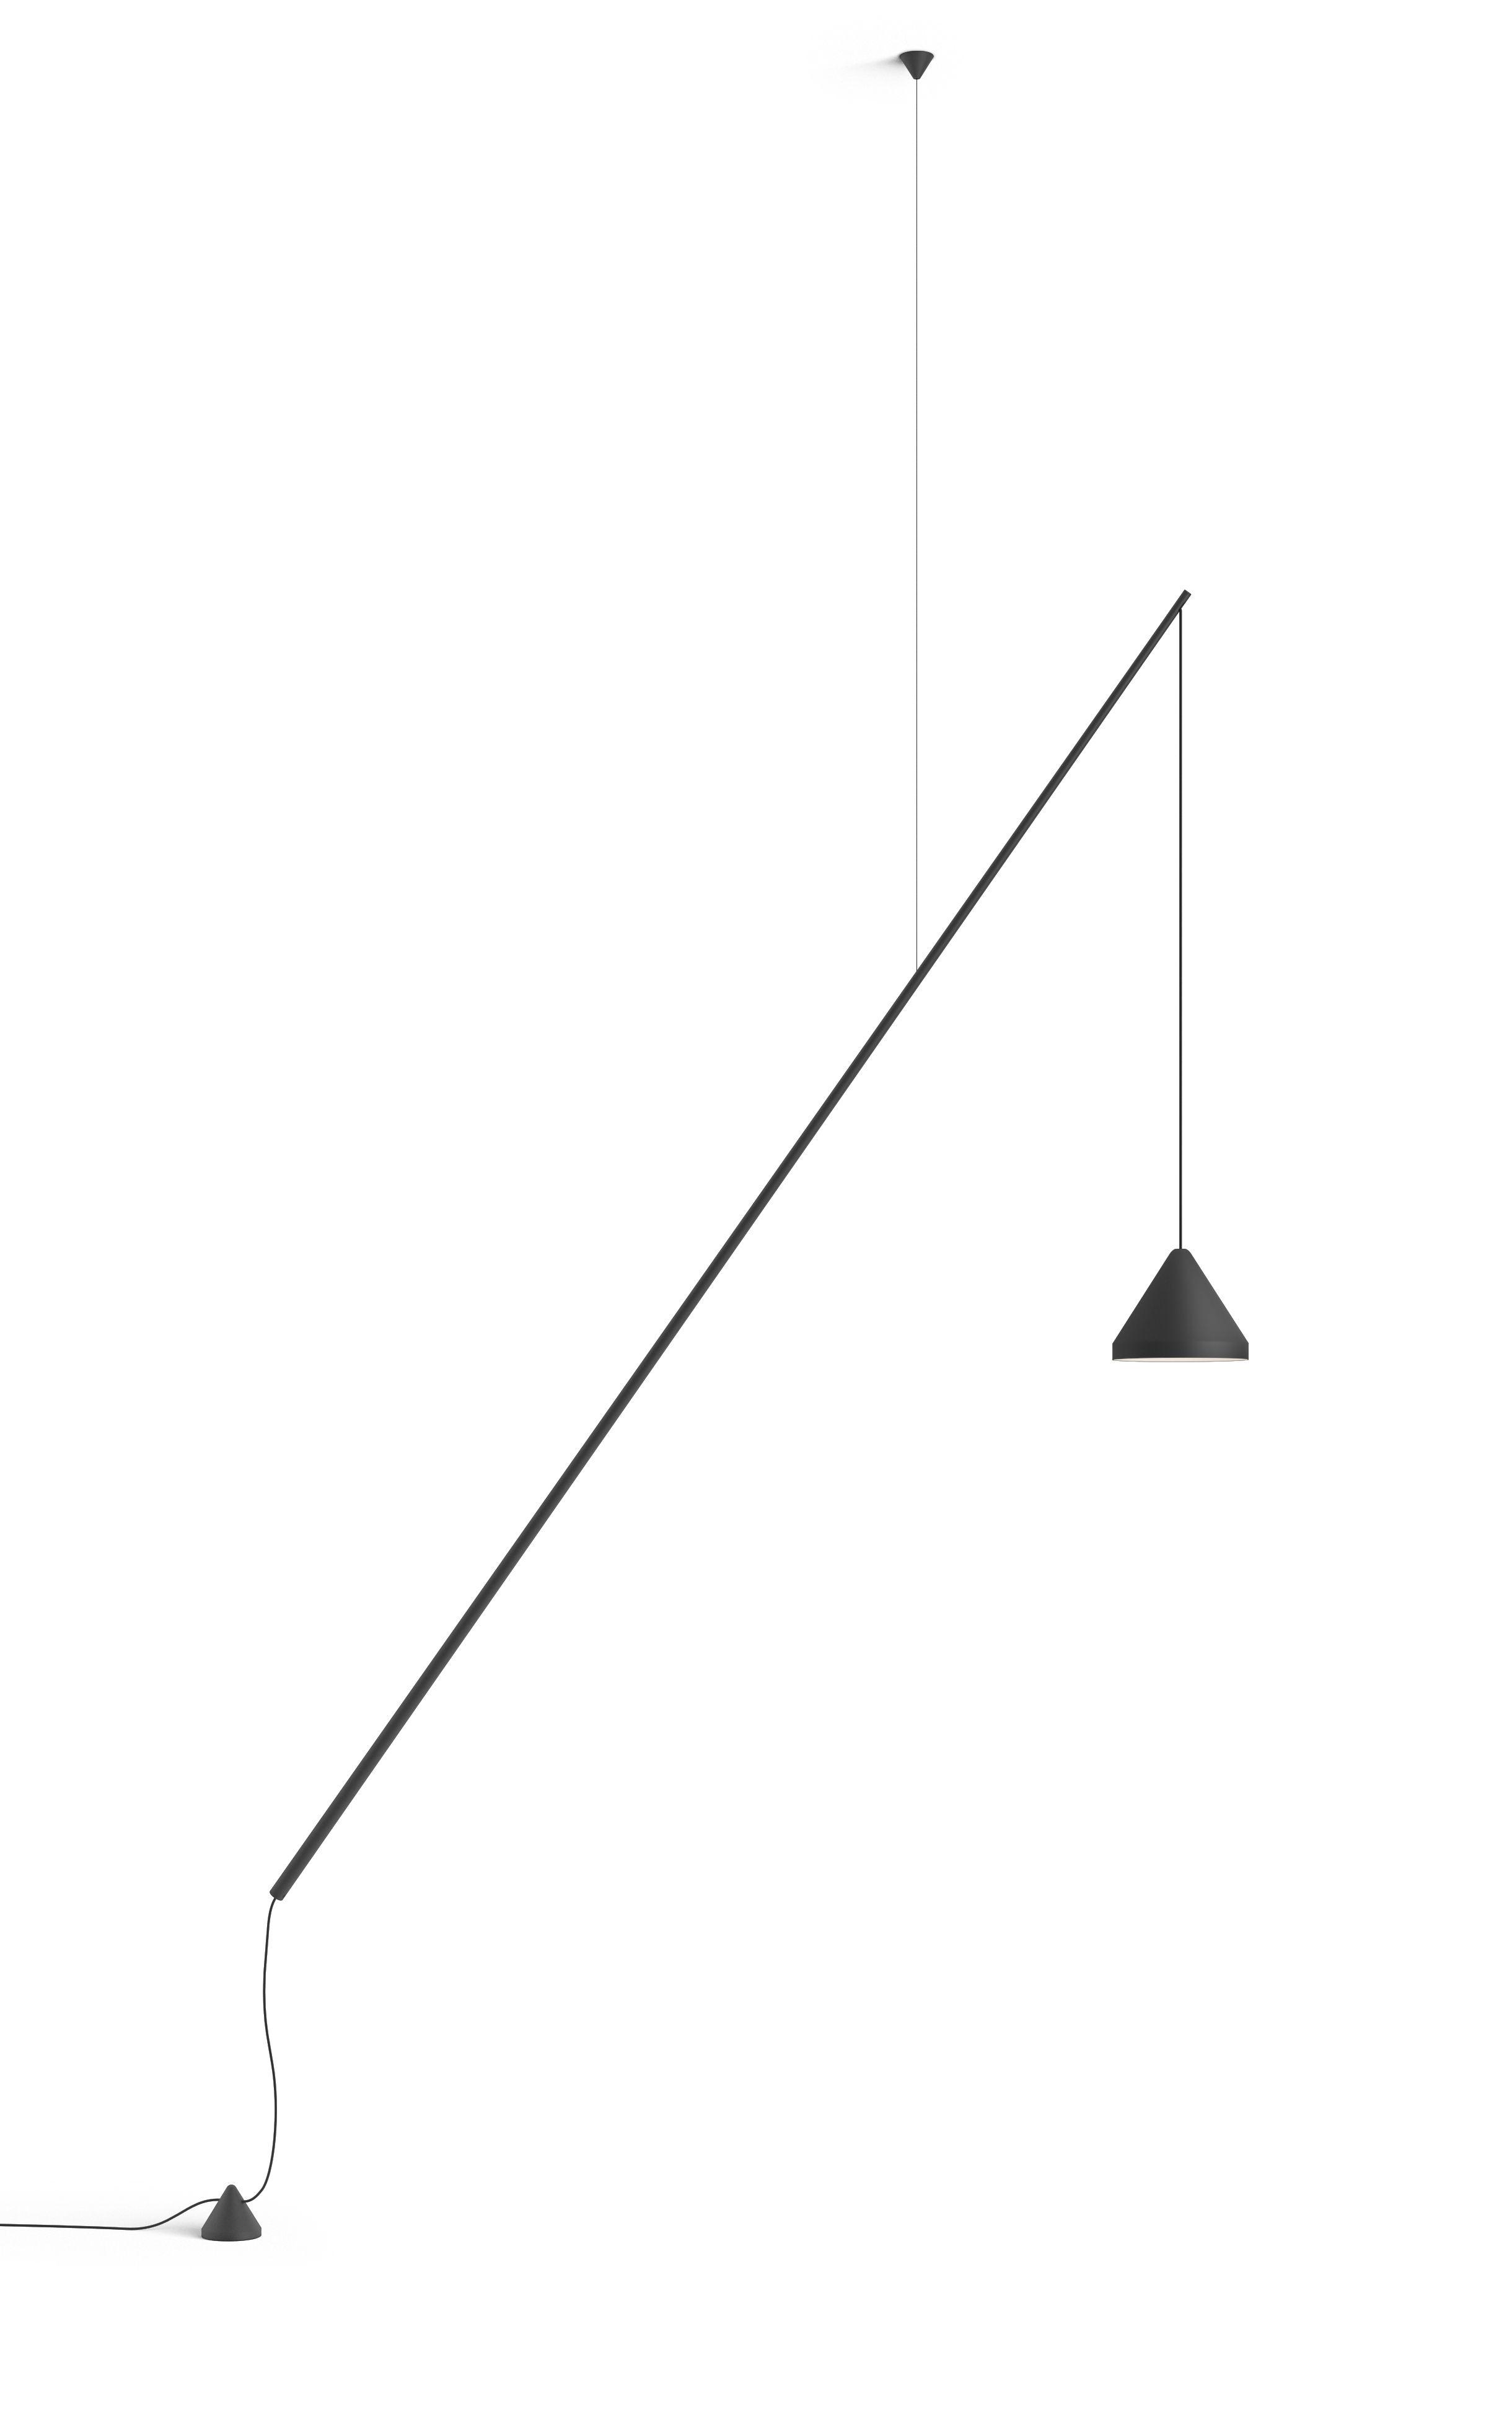 Lighting - Floor lamps - North Floor lamp - / Suspendu & orientable - LED by Vibia - Laqué graphite mat - Aluminium, Carbon fibre, Methacrylate, PMMA